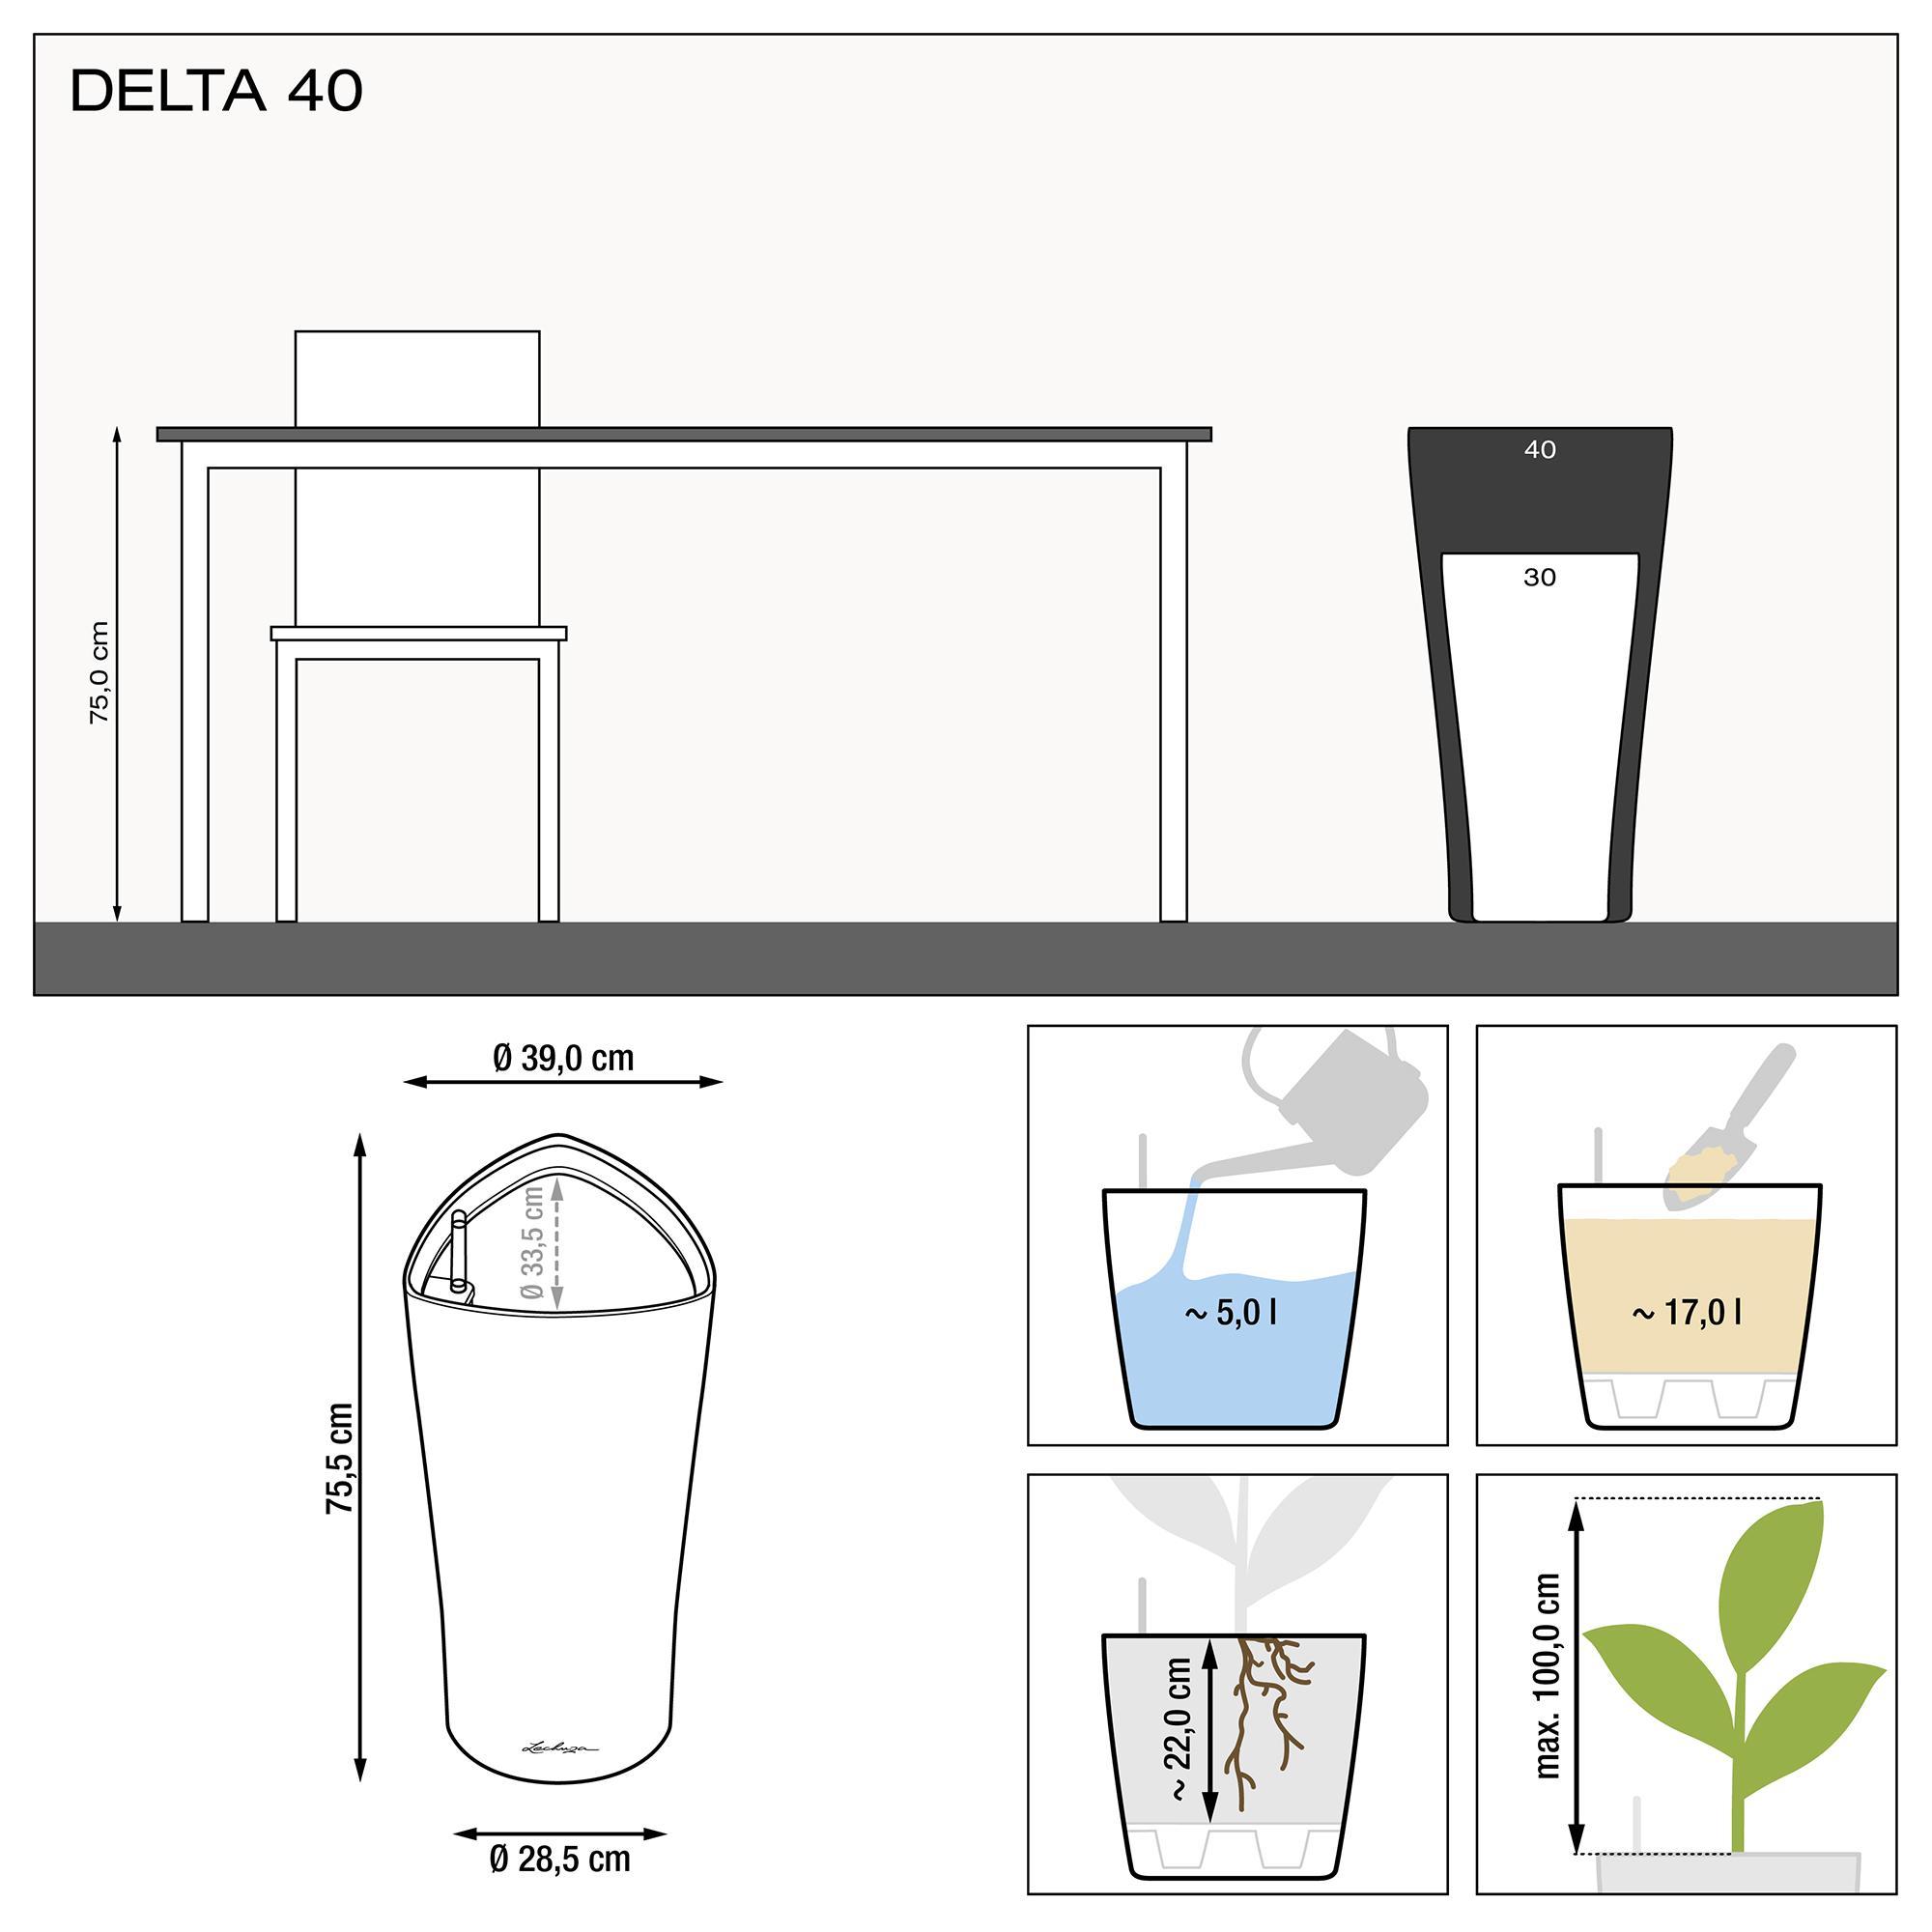 le_delta40_product_addi_nz